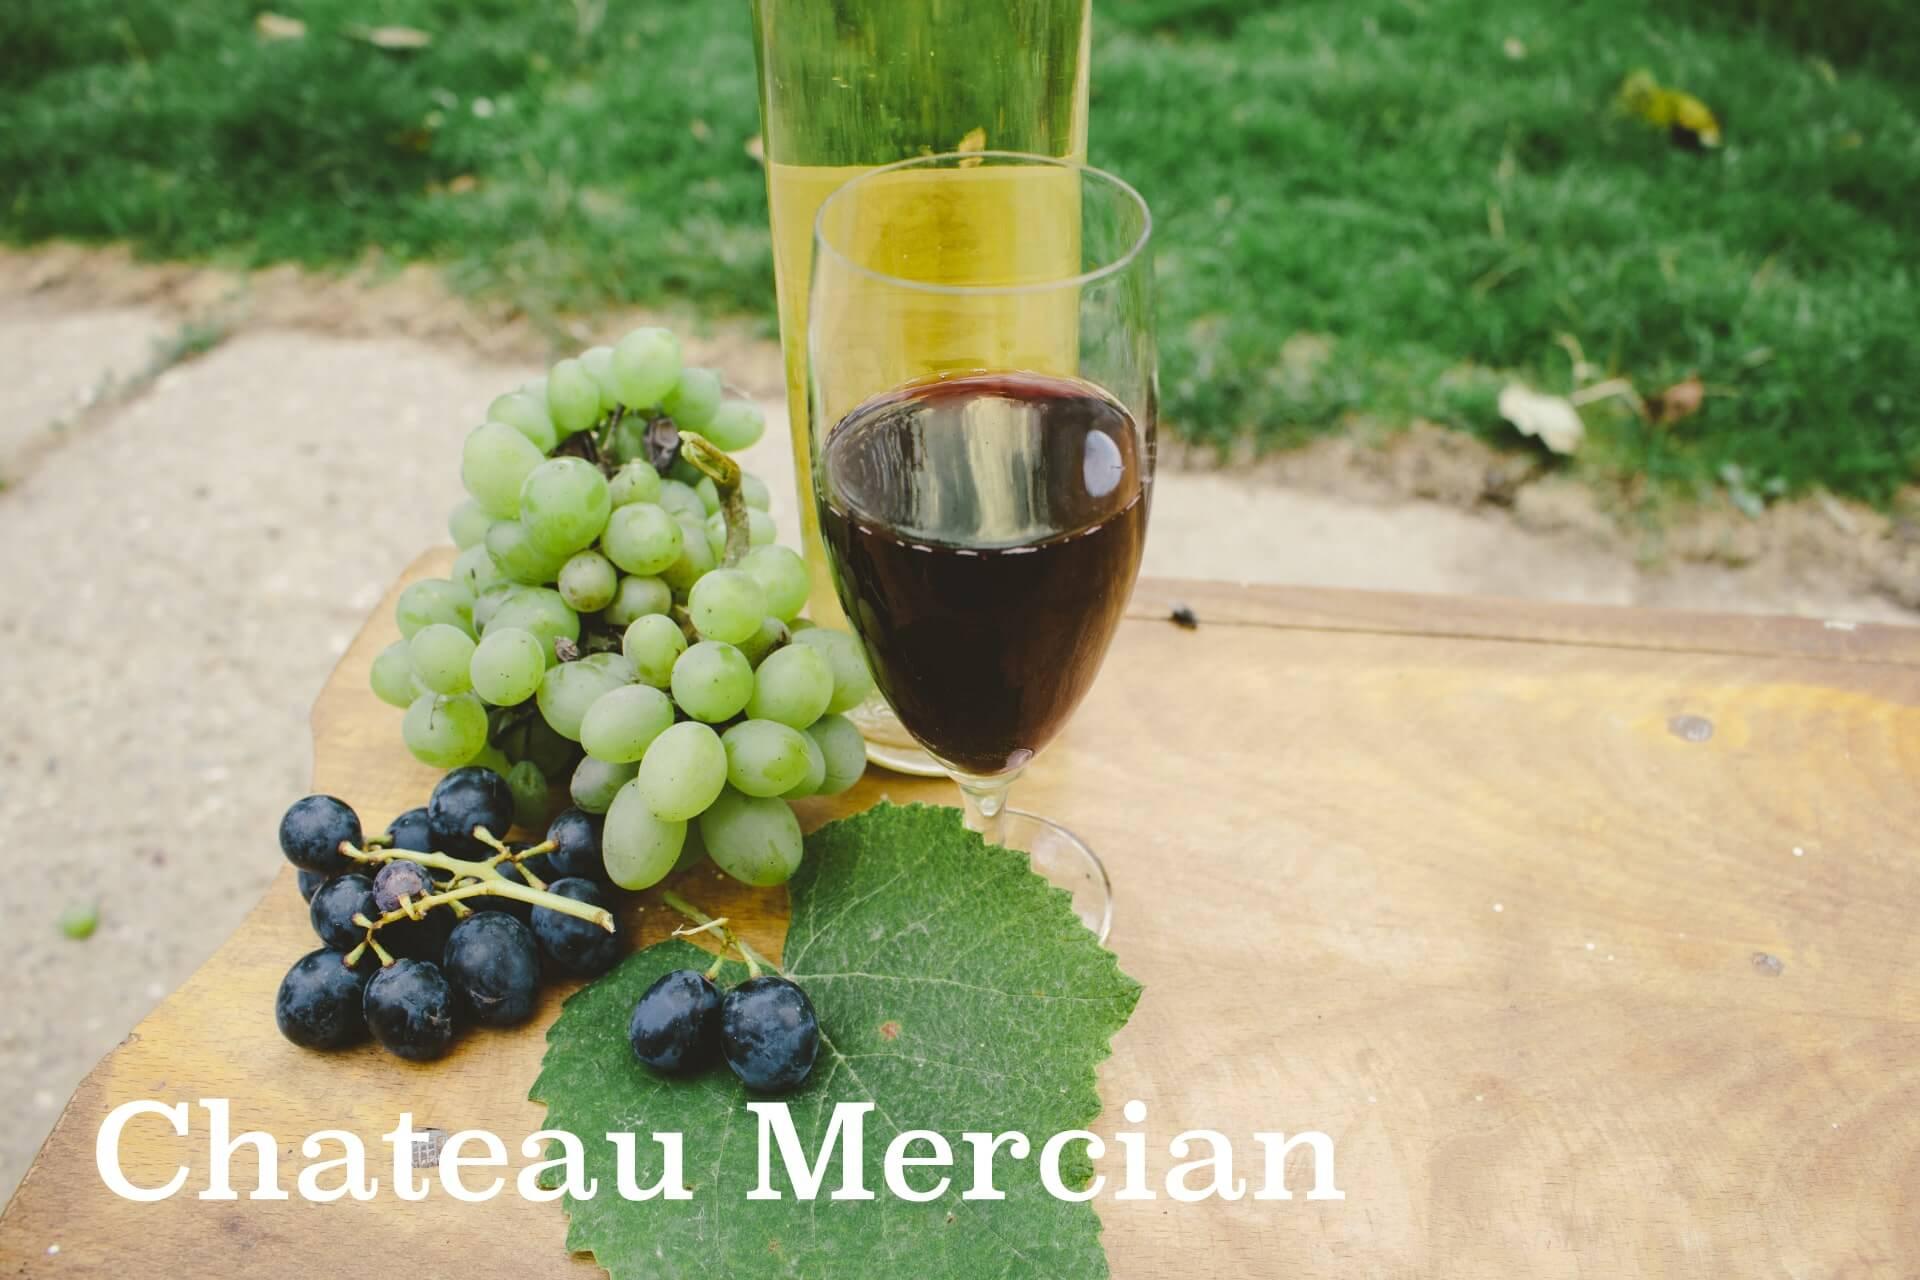 シャトーメルシャン(ワイン)のメインビジュアルの画像